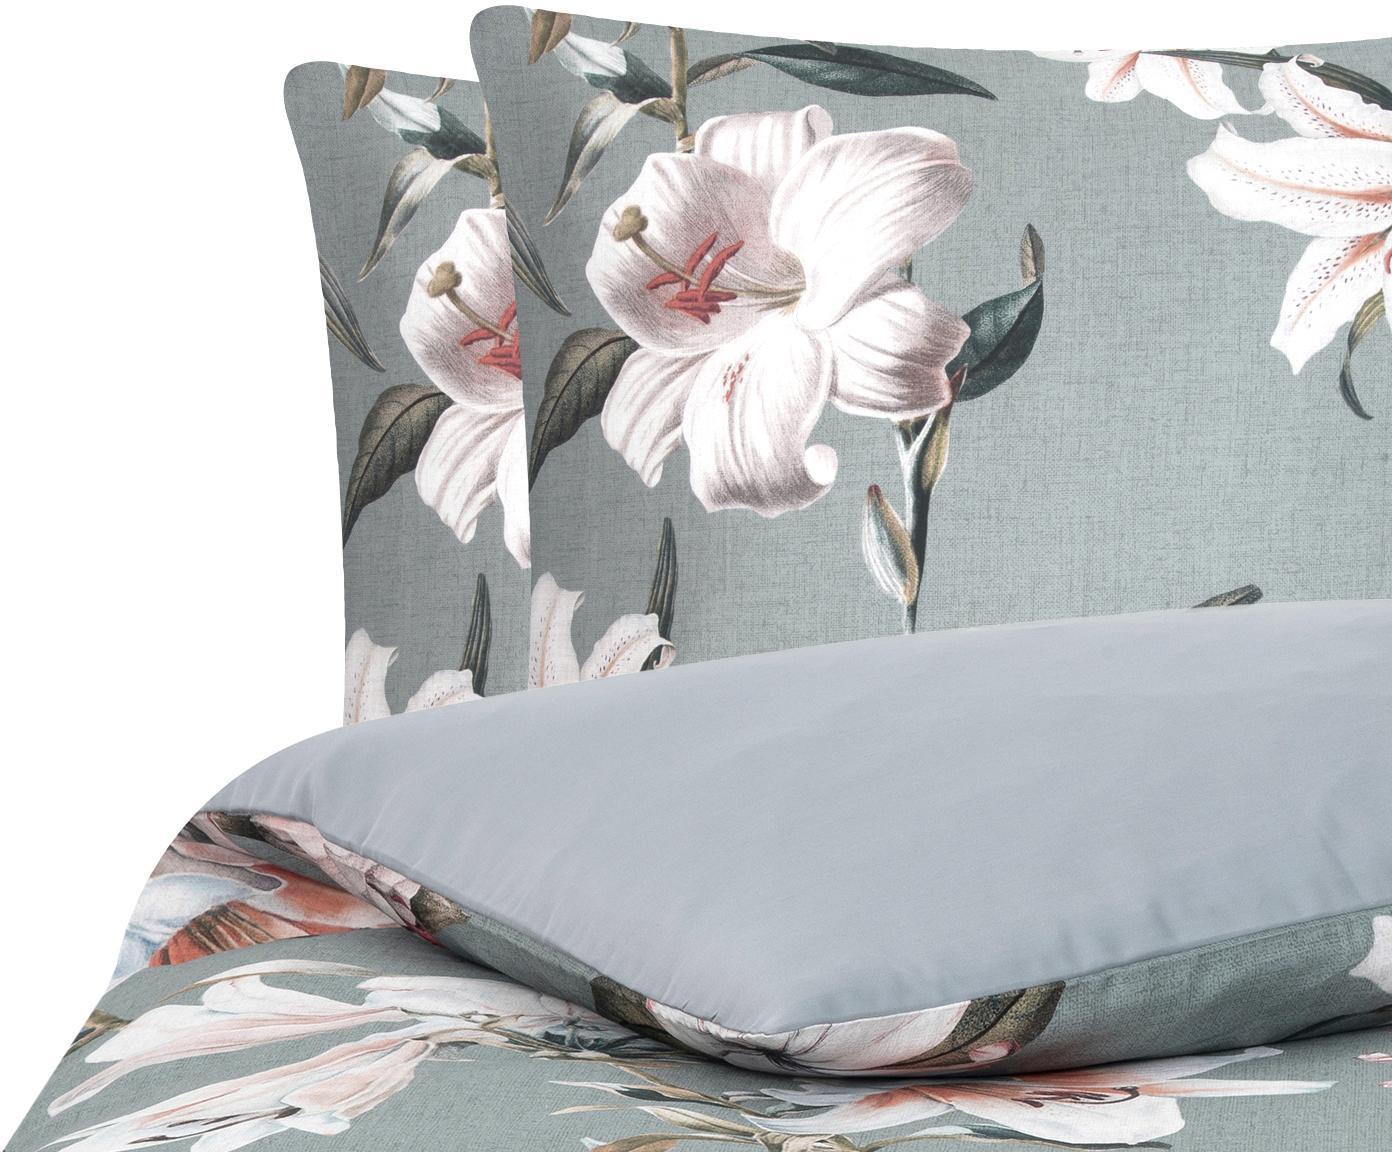 Baumwollsatin-Bettwäsche Flori mit Blumen-Print, Webart: Satin Fadendichte 210 TC,, Vorderseite: Blau, CremeweißRückseite: Blau, 240 x 220 cm + 2 Kissen 80 x 80 cm